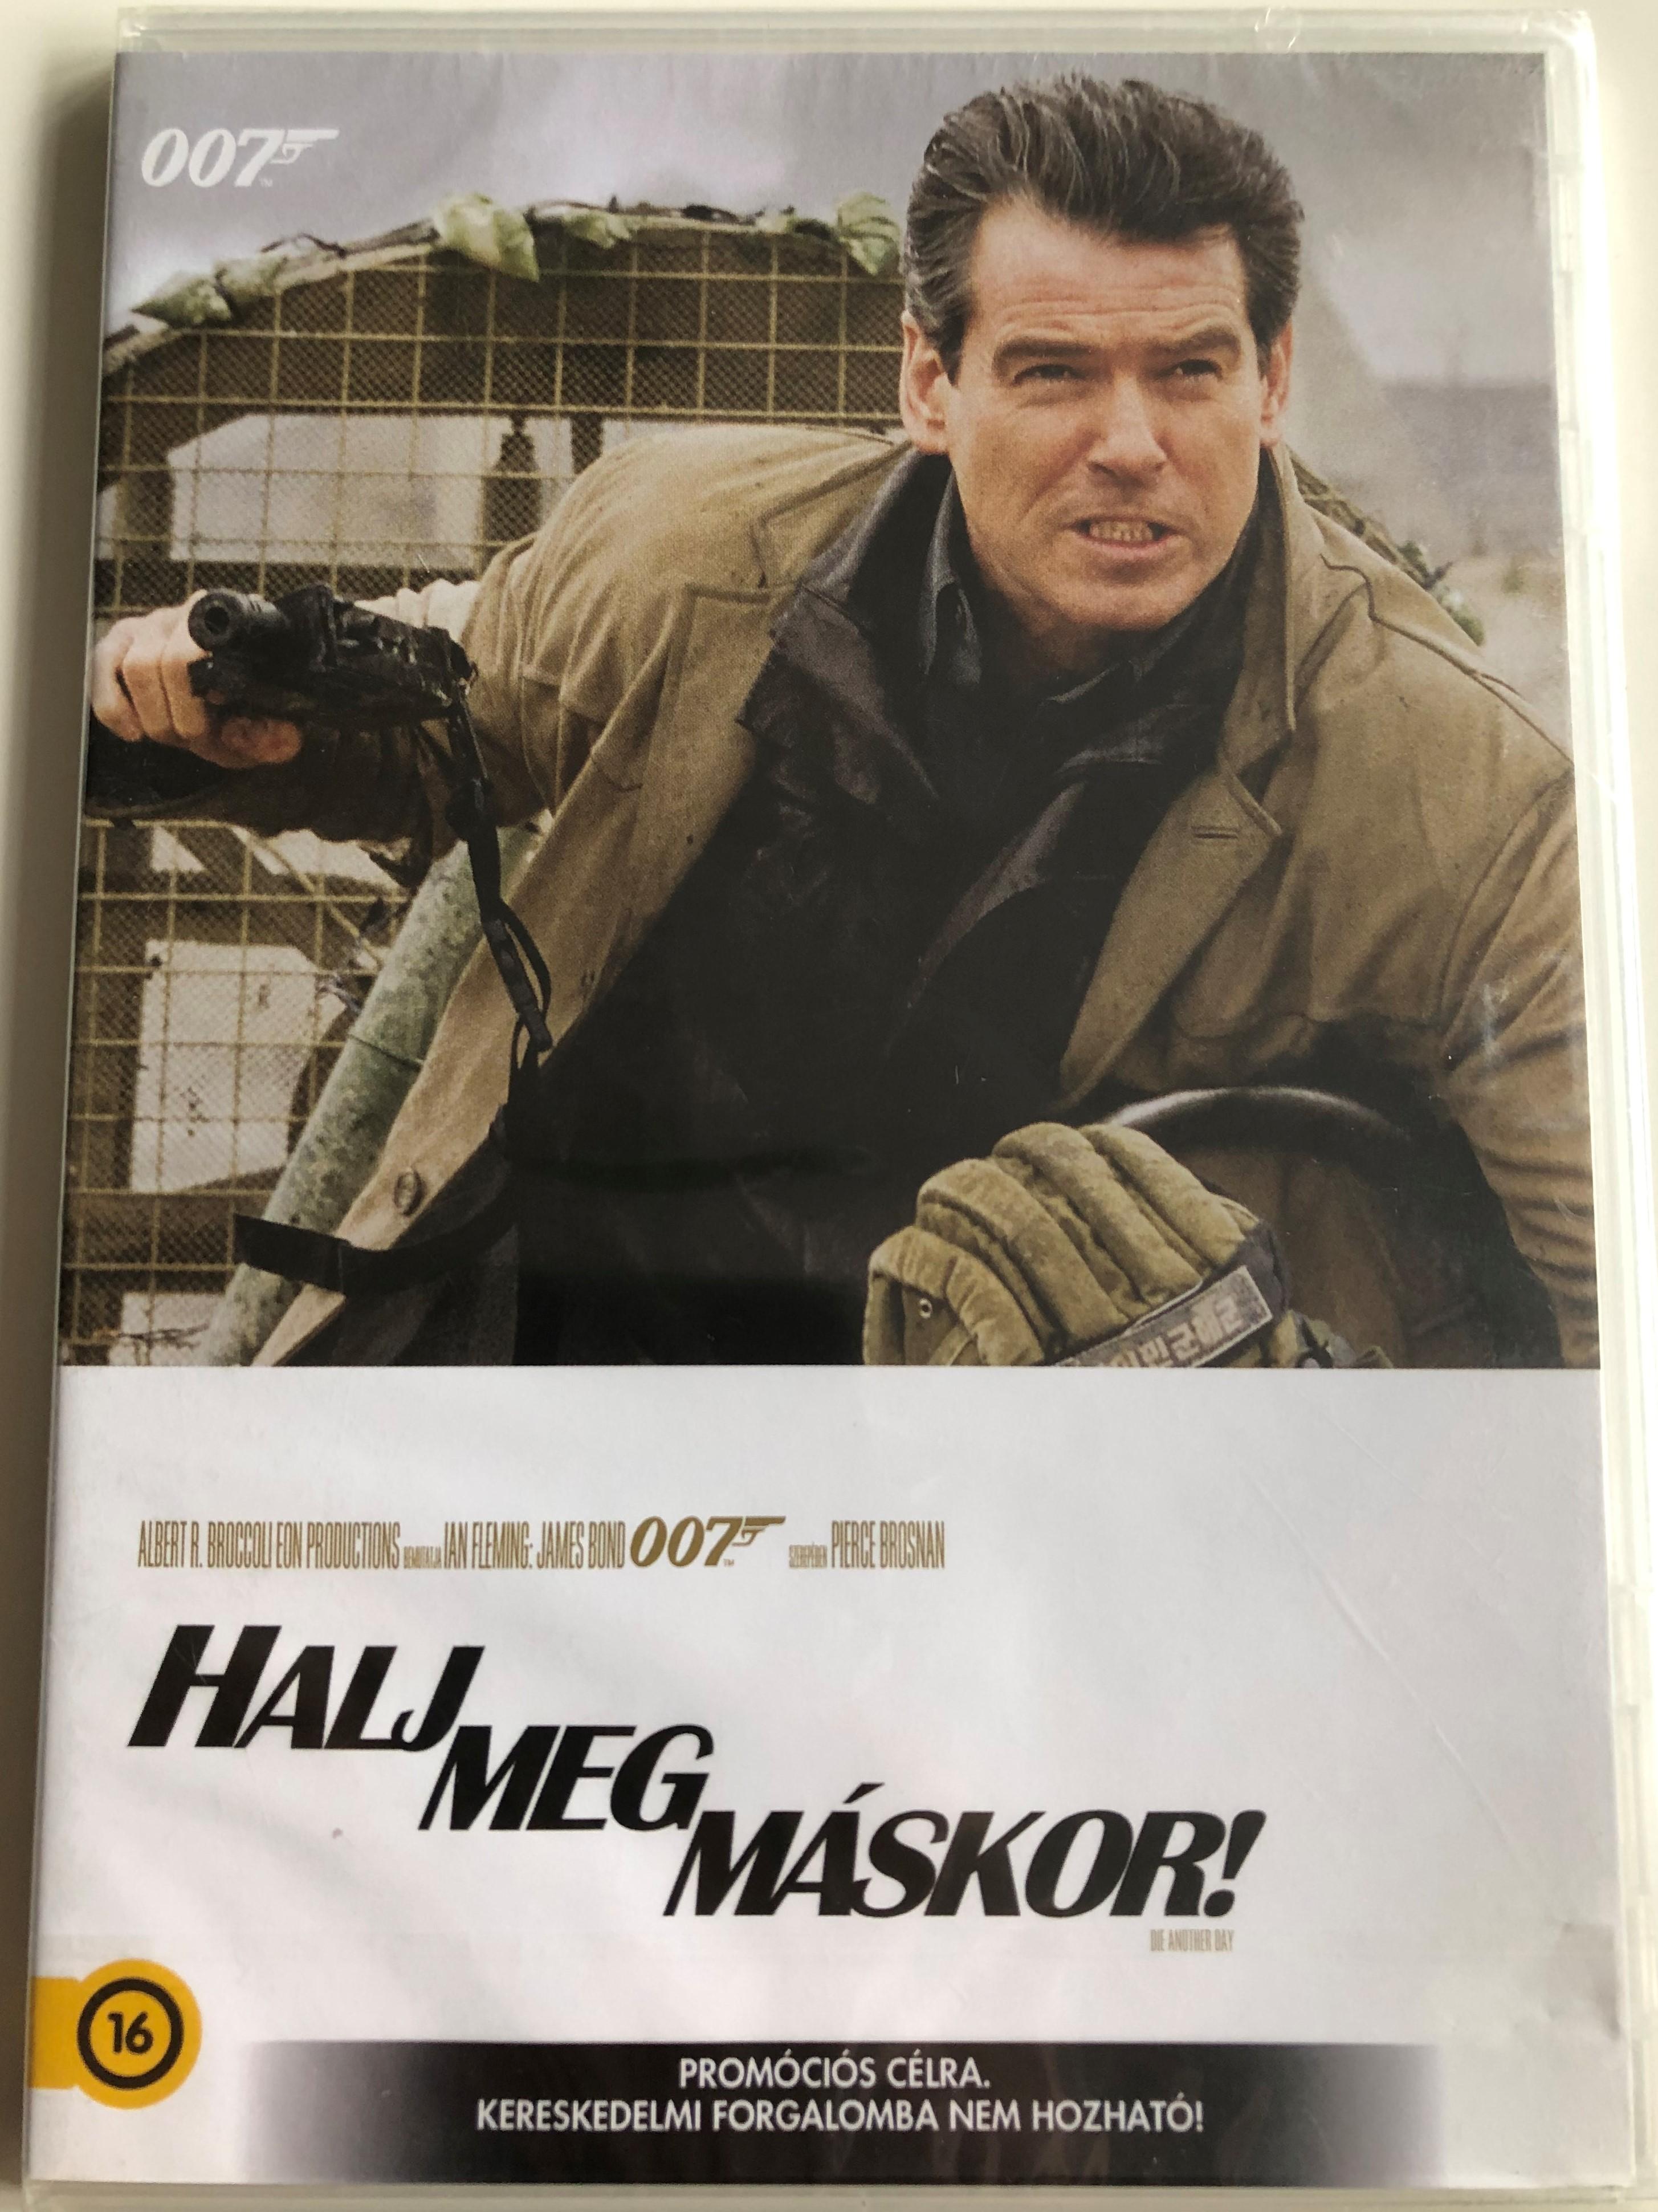 die-another-day-dvd-2002-halj-meg-m-skor-1.jpg